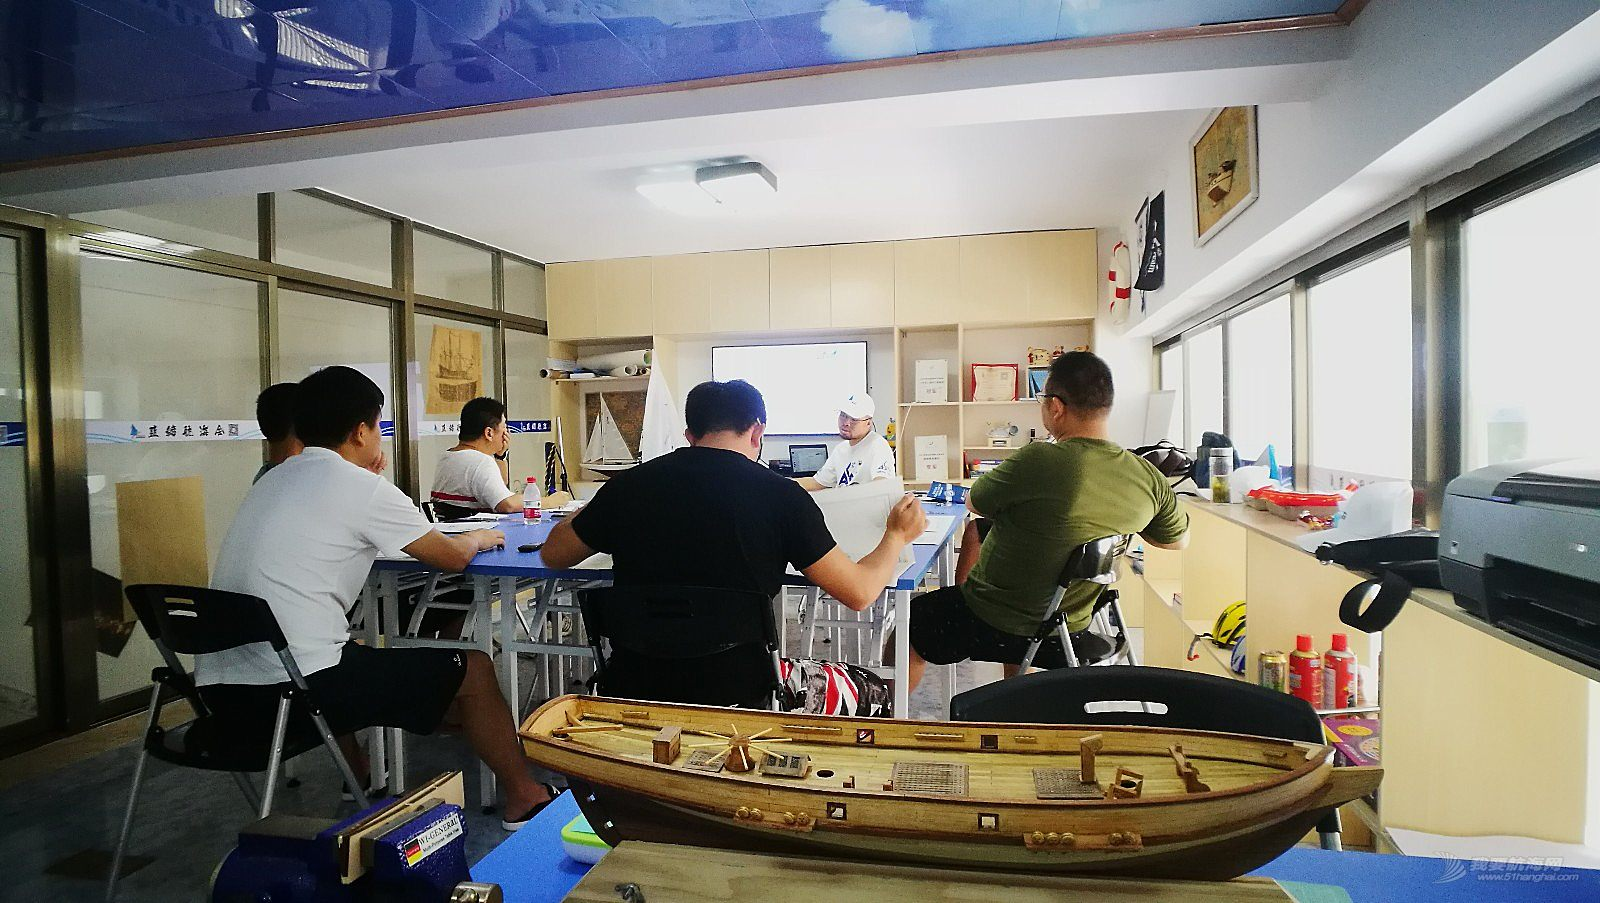 粤西首家——蓝鳍航海ASA国际帆船驾照培训开始招募海贼团